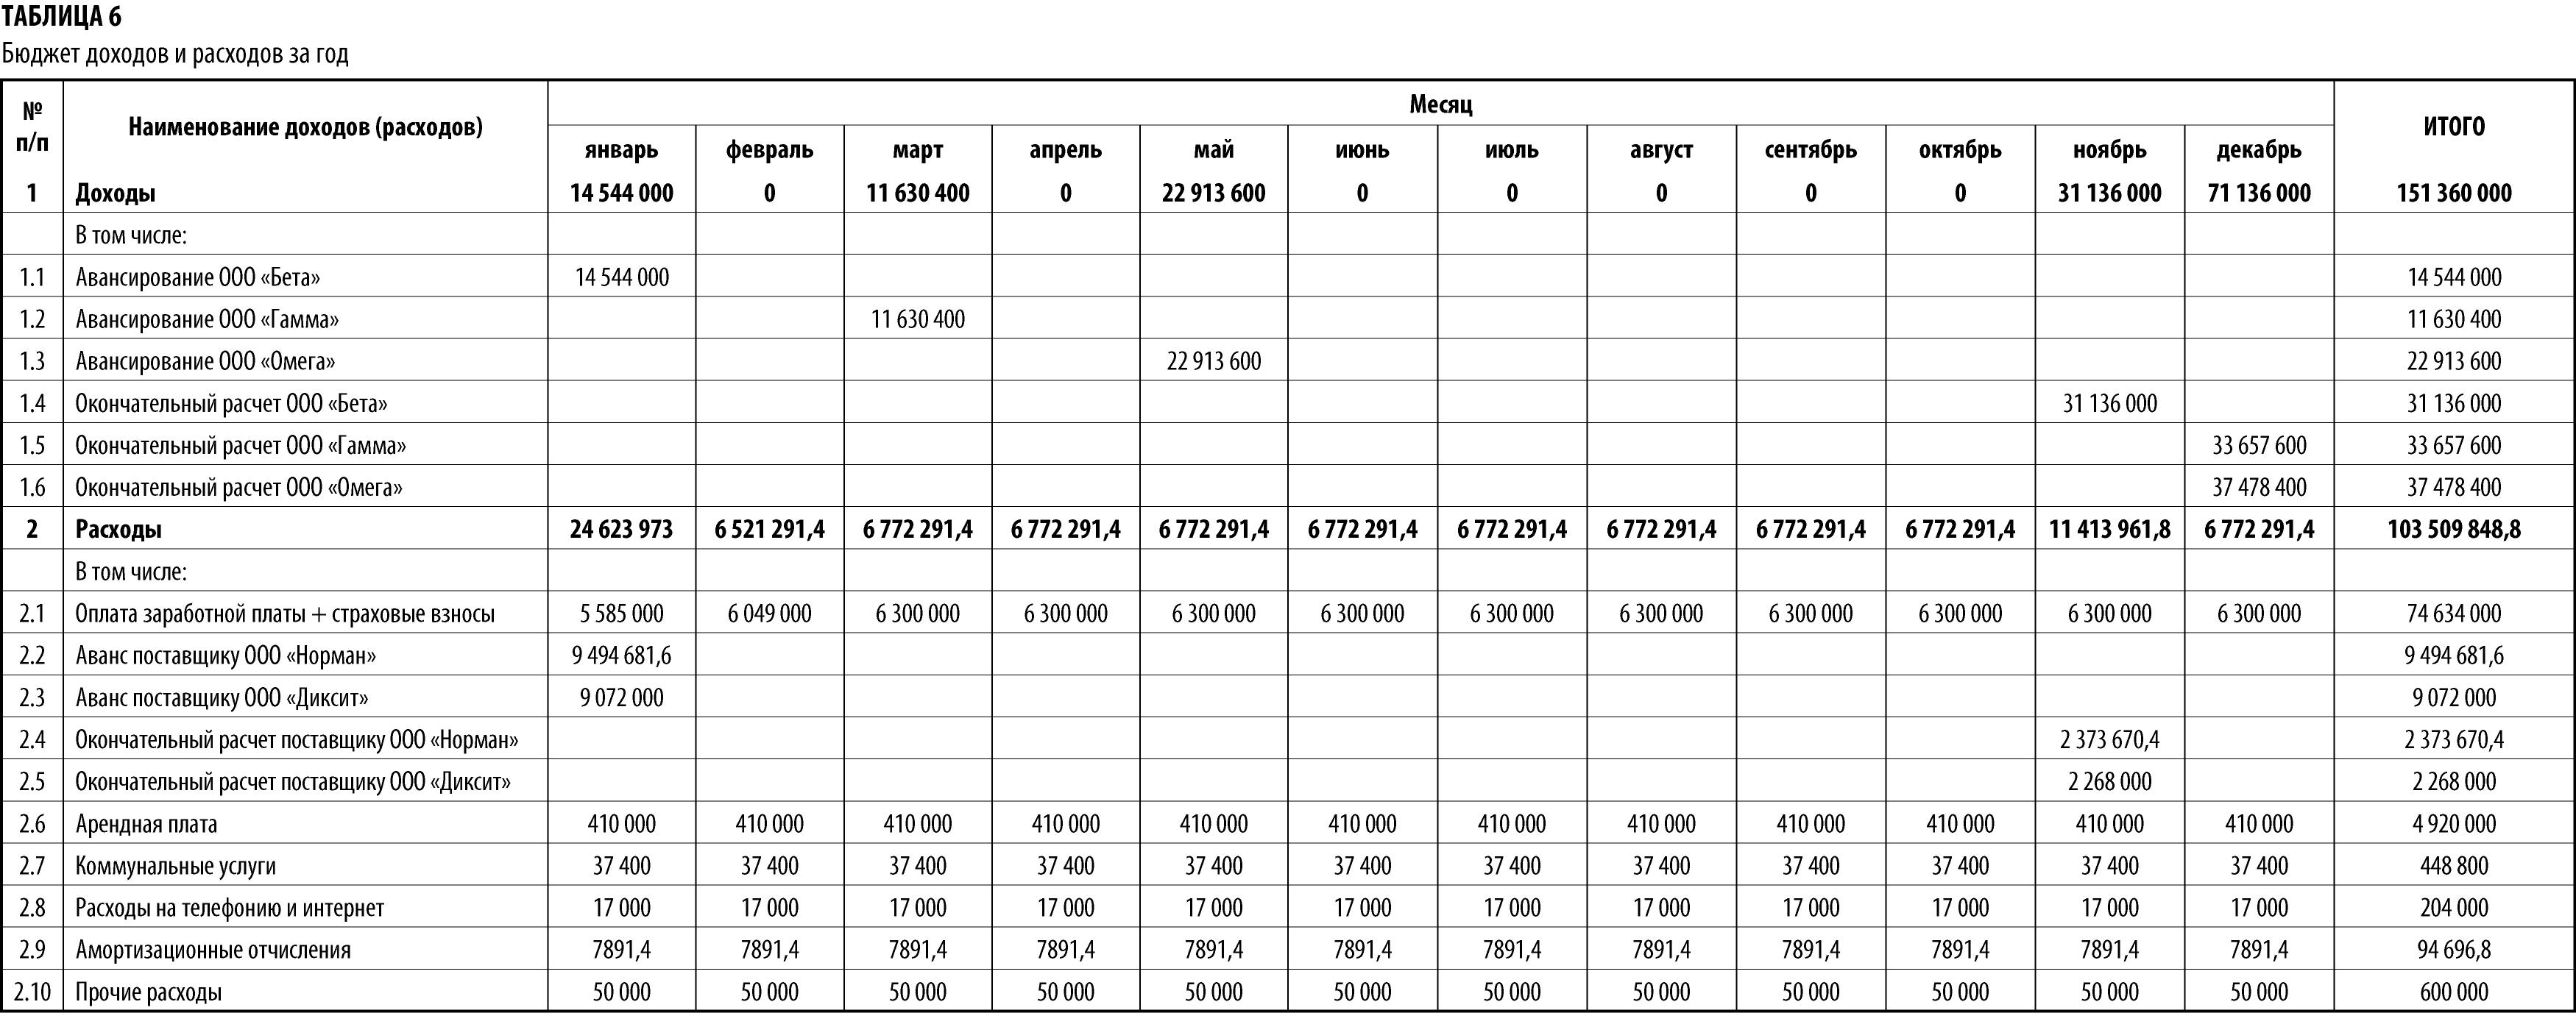 Бюджет доходов и расходов схема фото 558